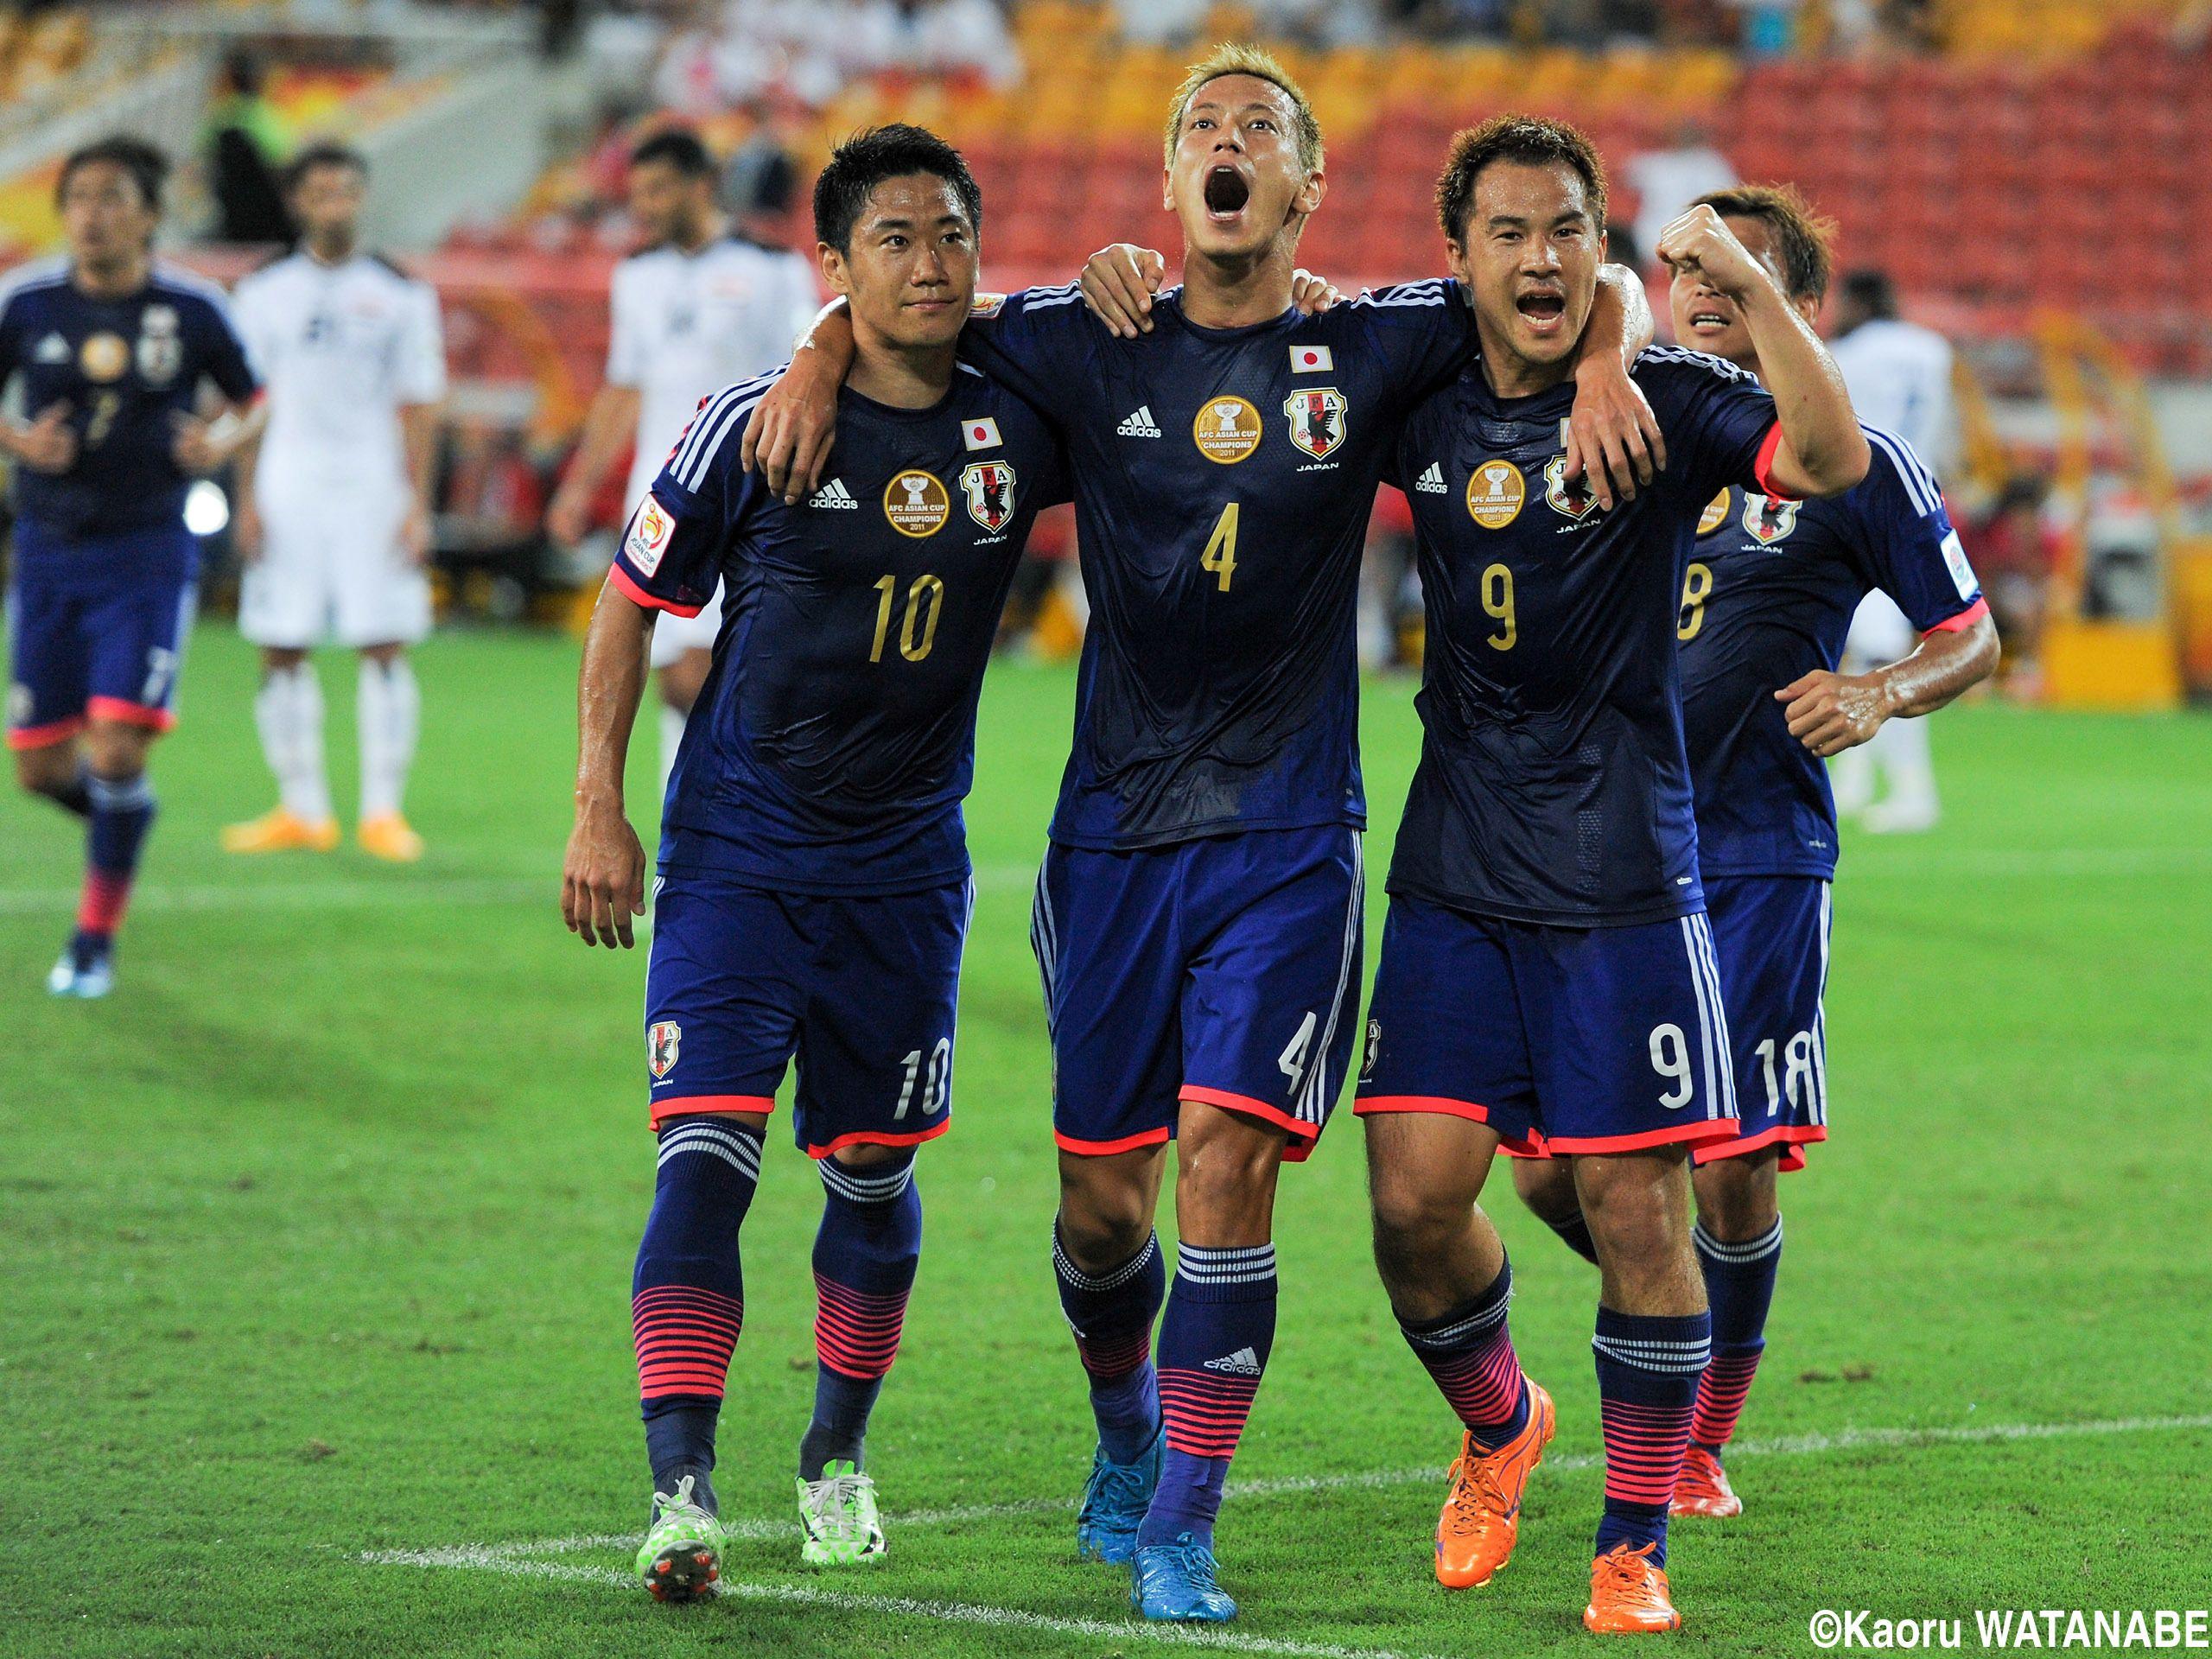 Kết quả hình ảnh cho Keisuke Honda, Shinji Kagawa, Shinji Okazaki